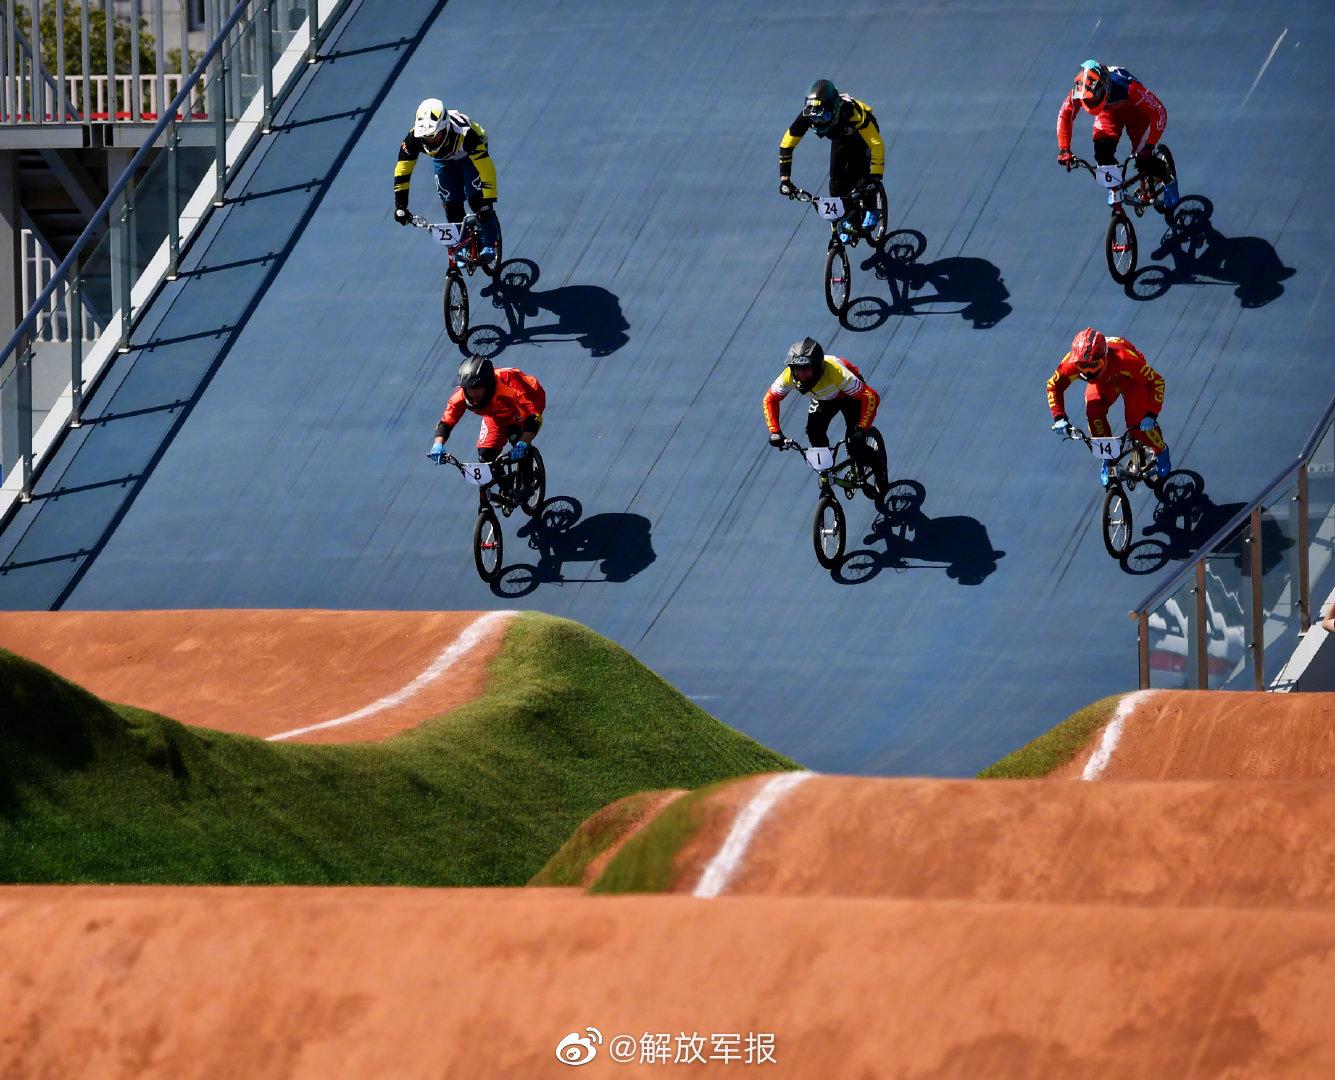 全运会小轮车竞速赛决出男女组冠军